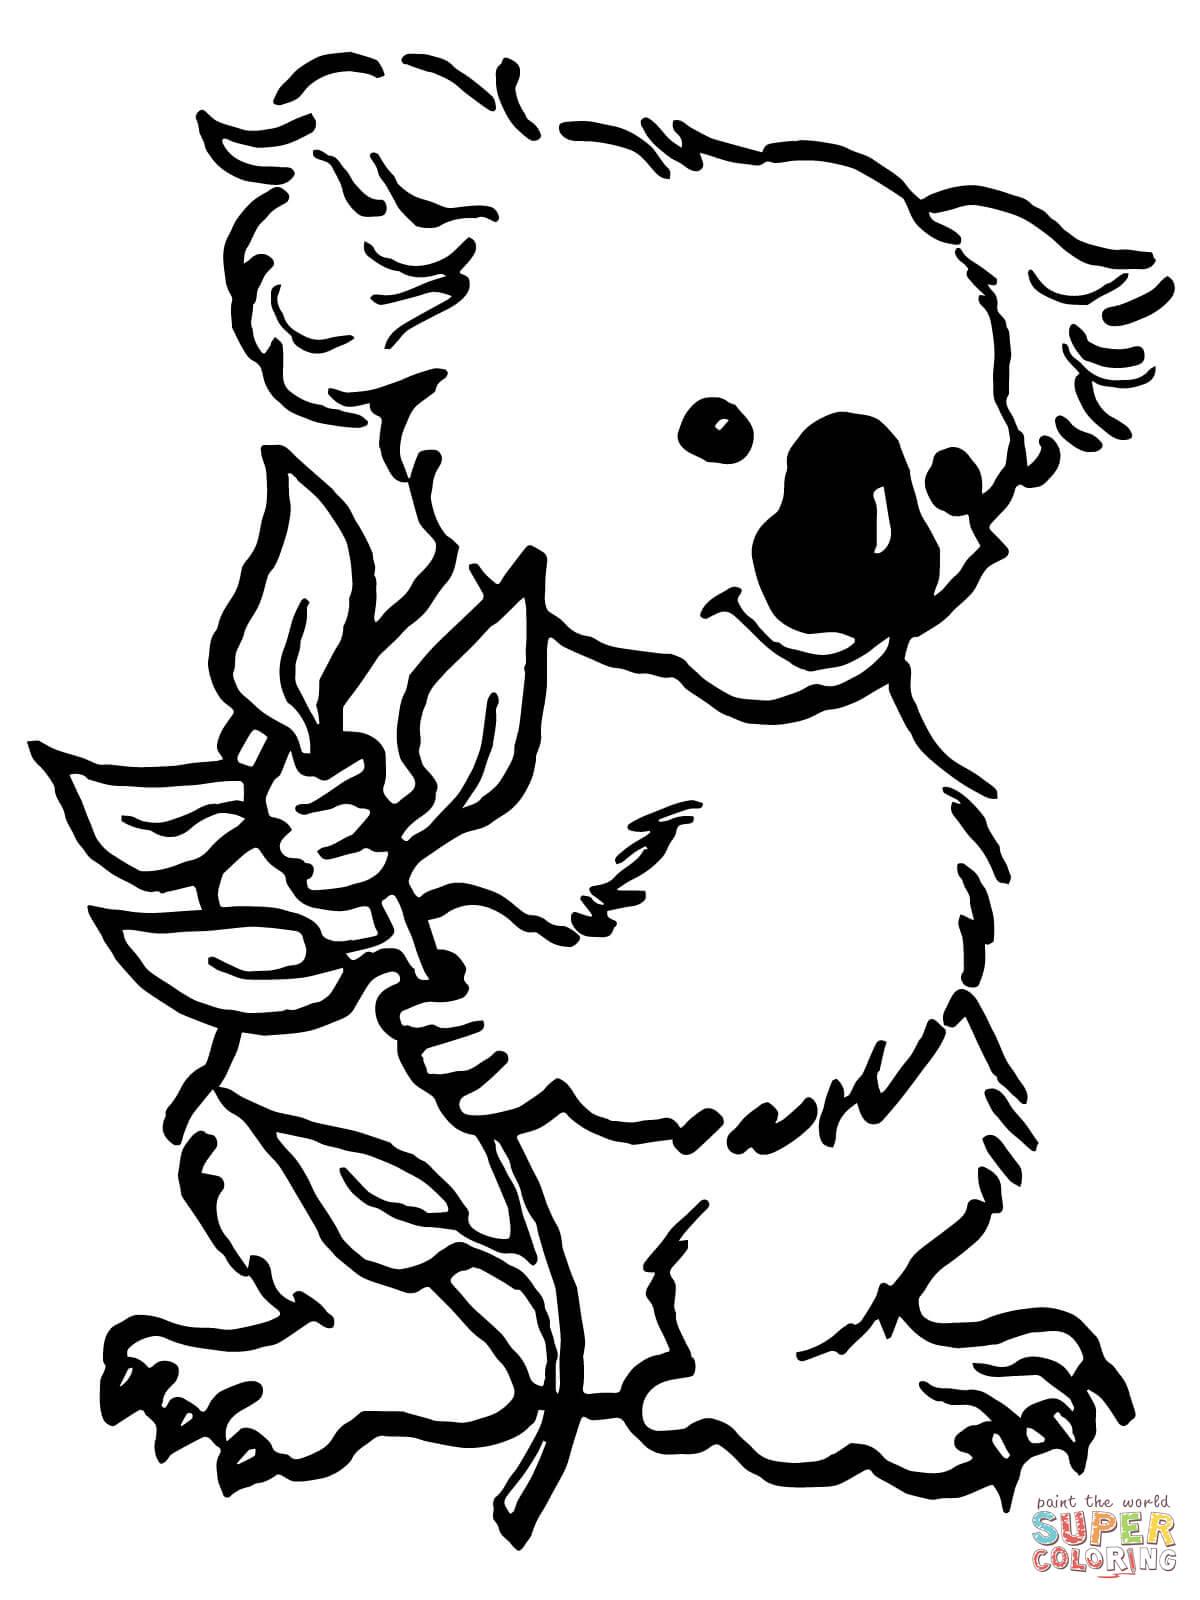 Dibujo de Caricatura de un Koala con hojas de eucalipto